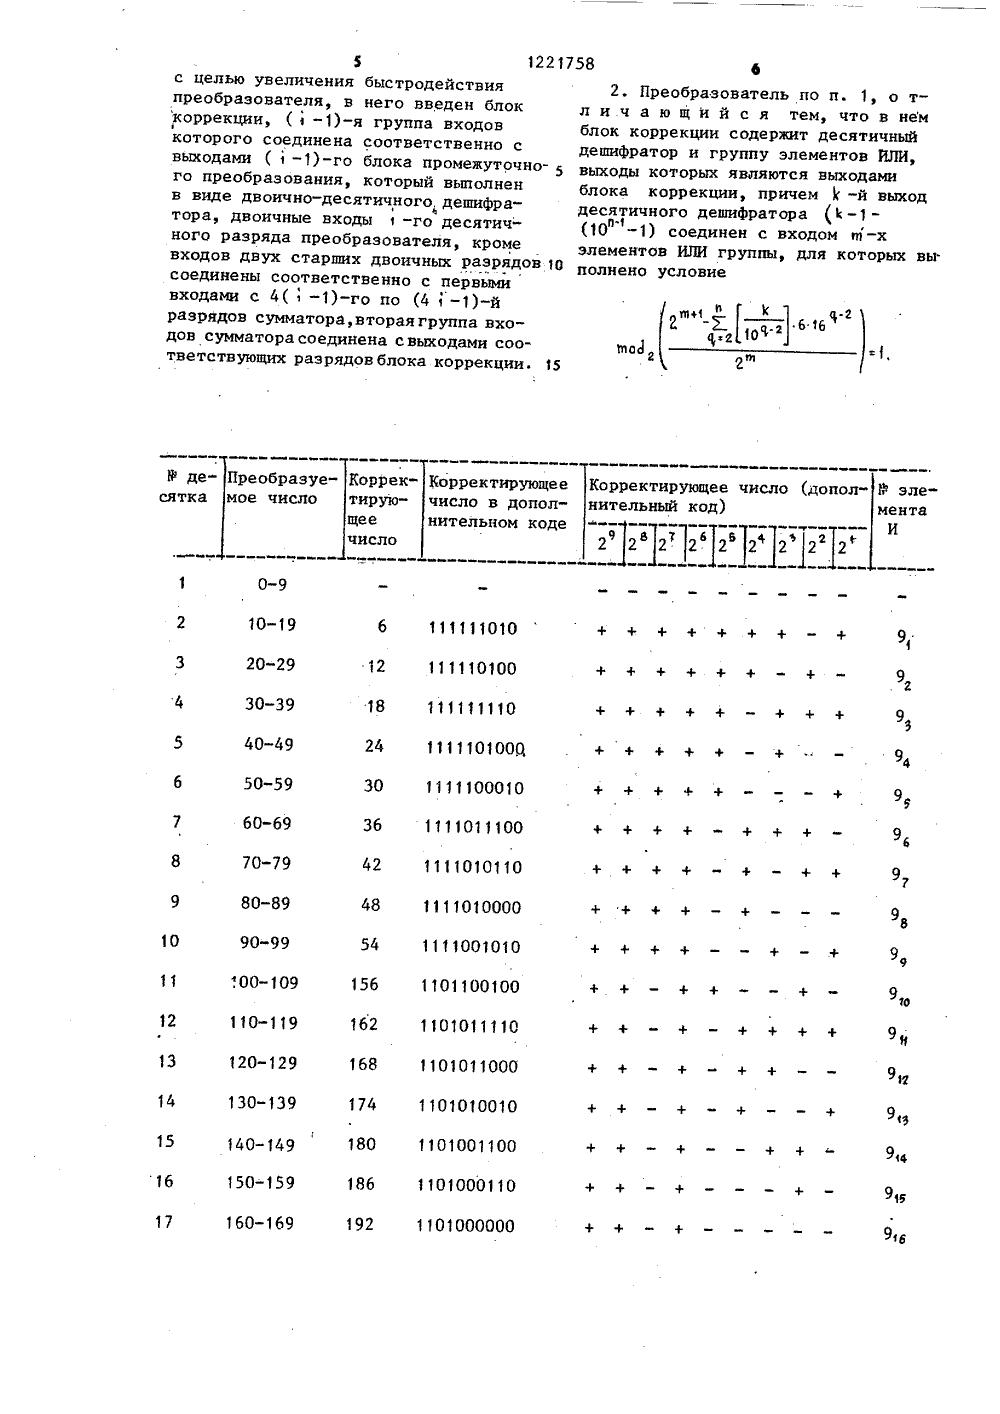 двоично-десятичный дешифратор схема